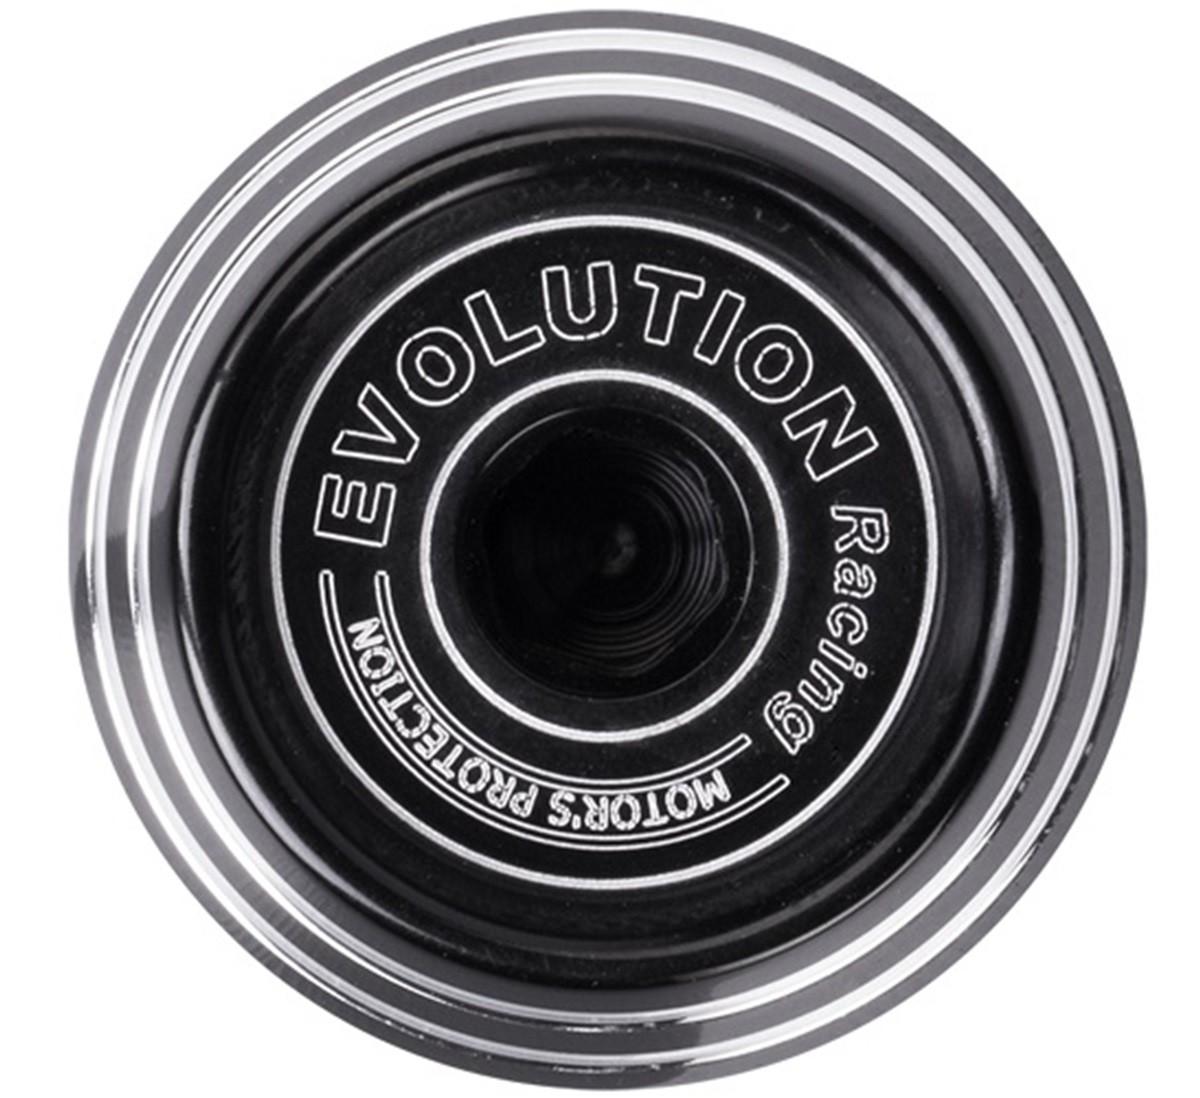 Tampa de Óleo Evolution CB500 CB 500 97 98 99 00 01 02 03 04